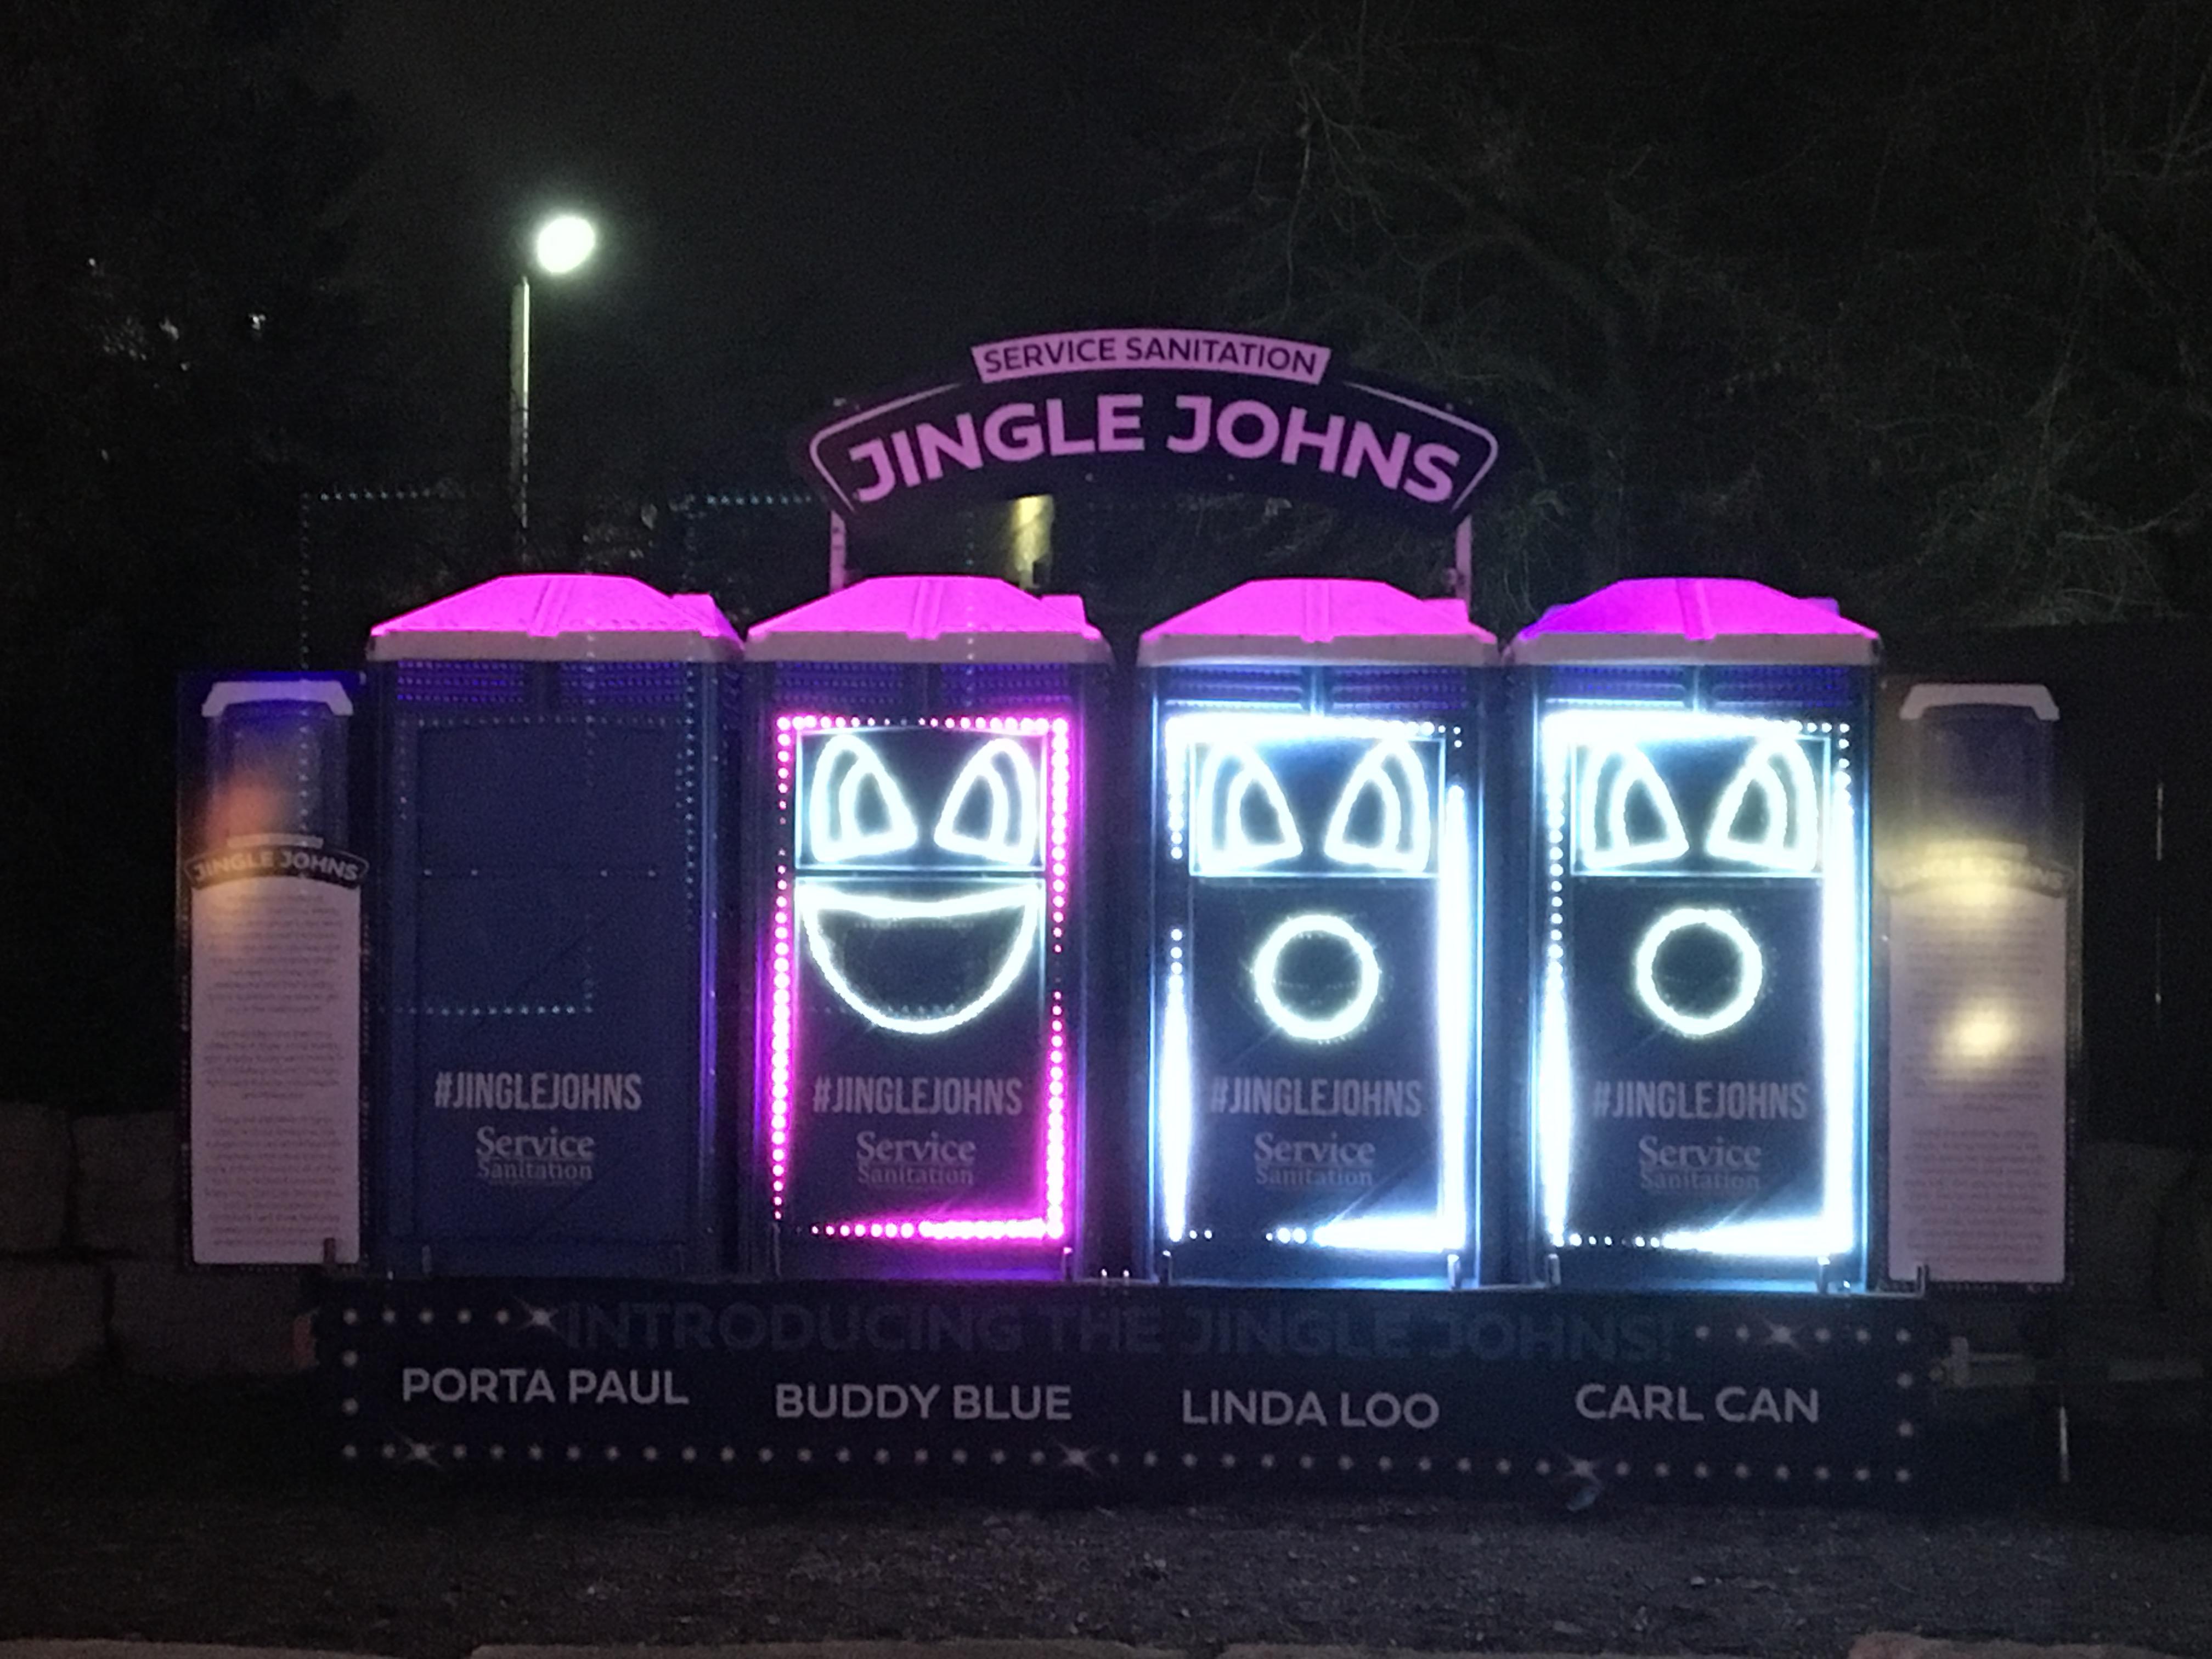 jingle johns